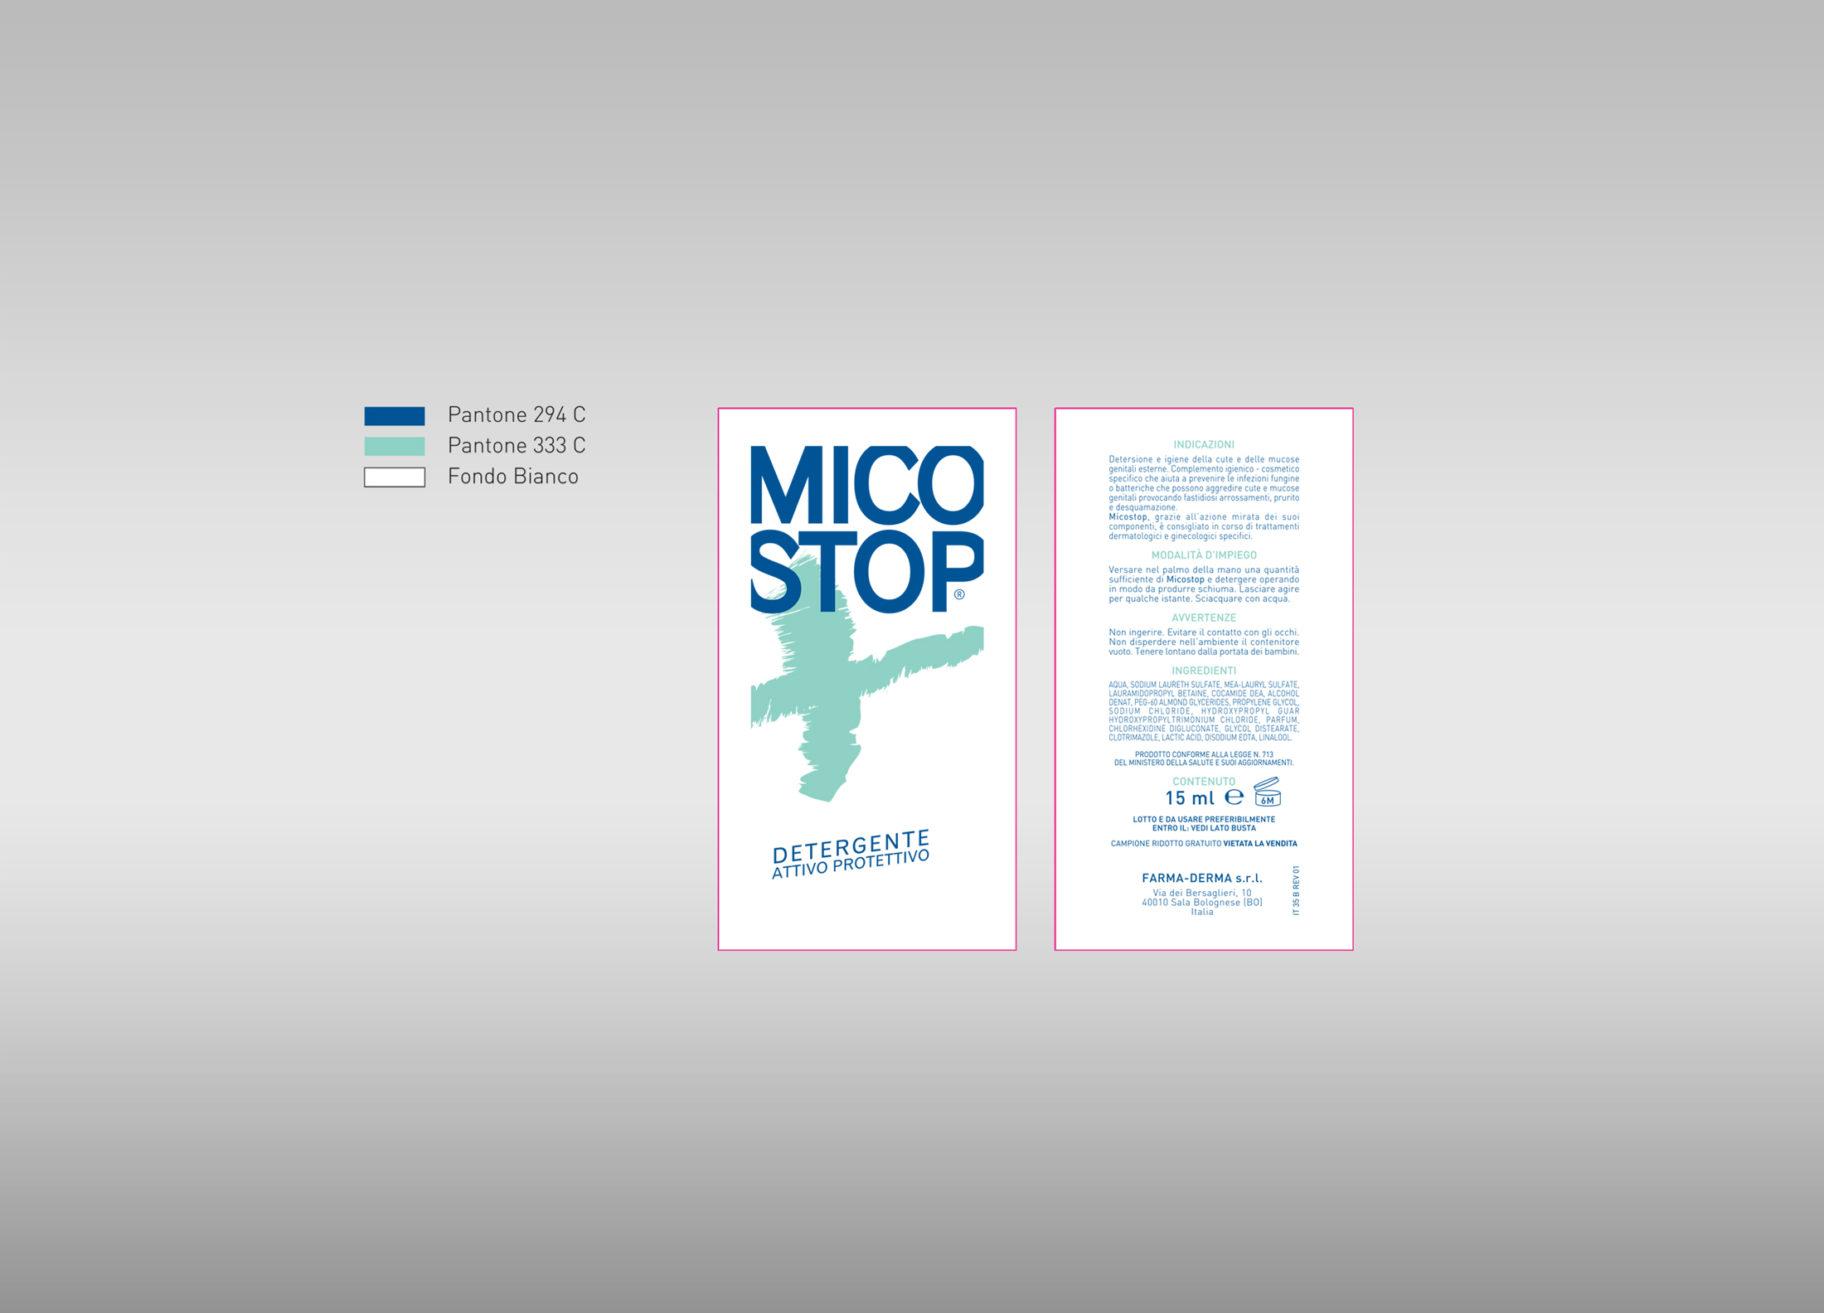 micostop-detergente-etichetta-packaging